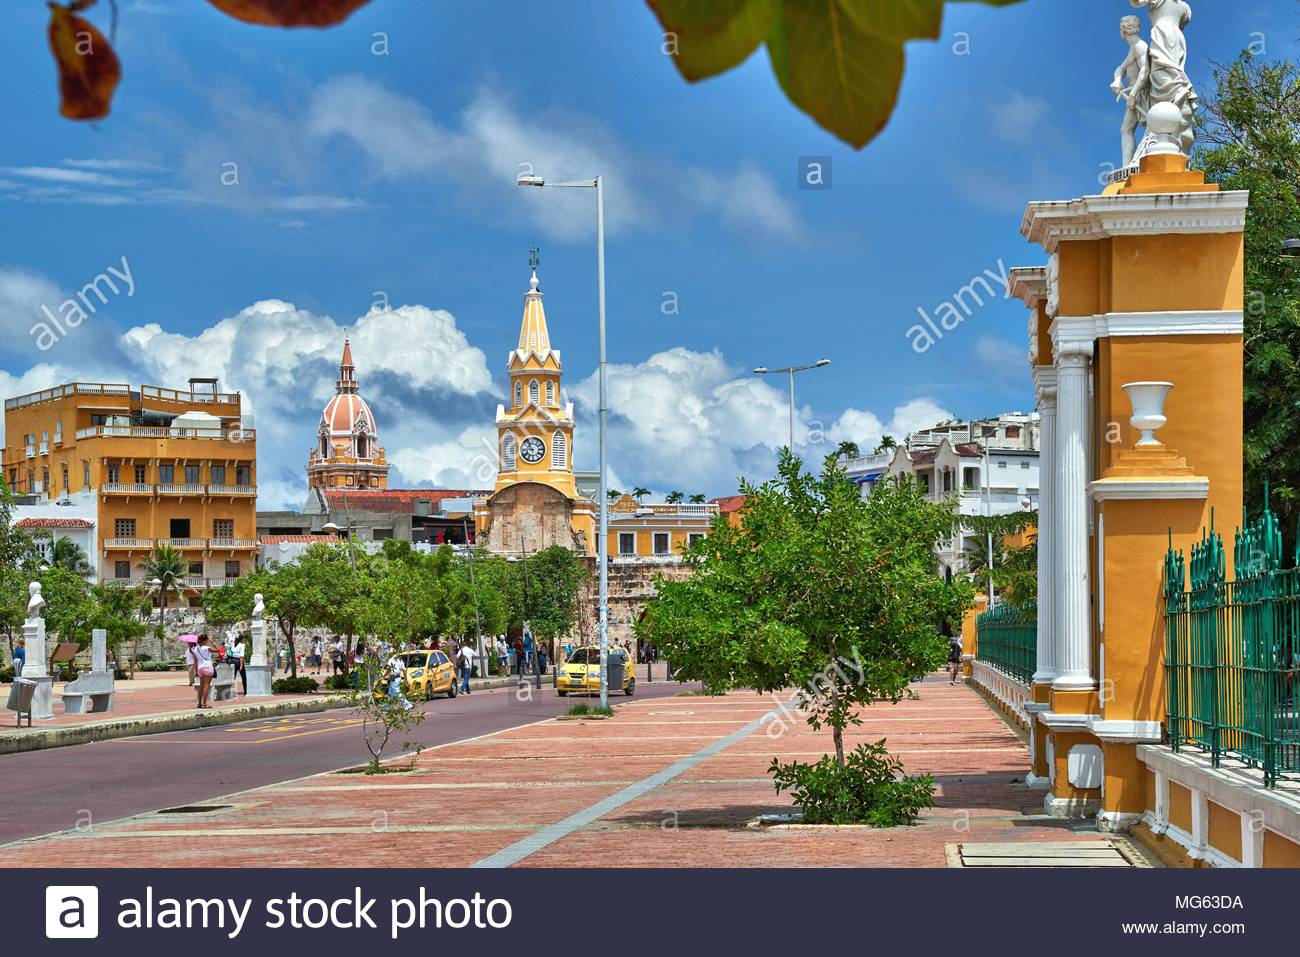 Torre Del Reloj Und Plaza De La Paz Stockfoto Bild 182072614 Alamy